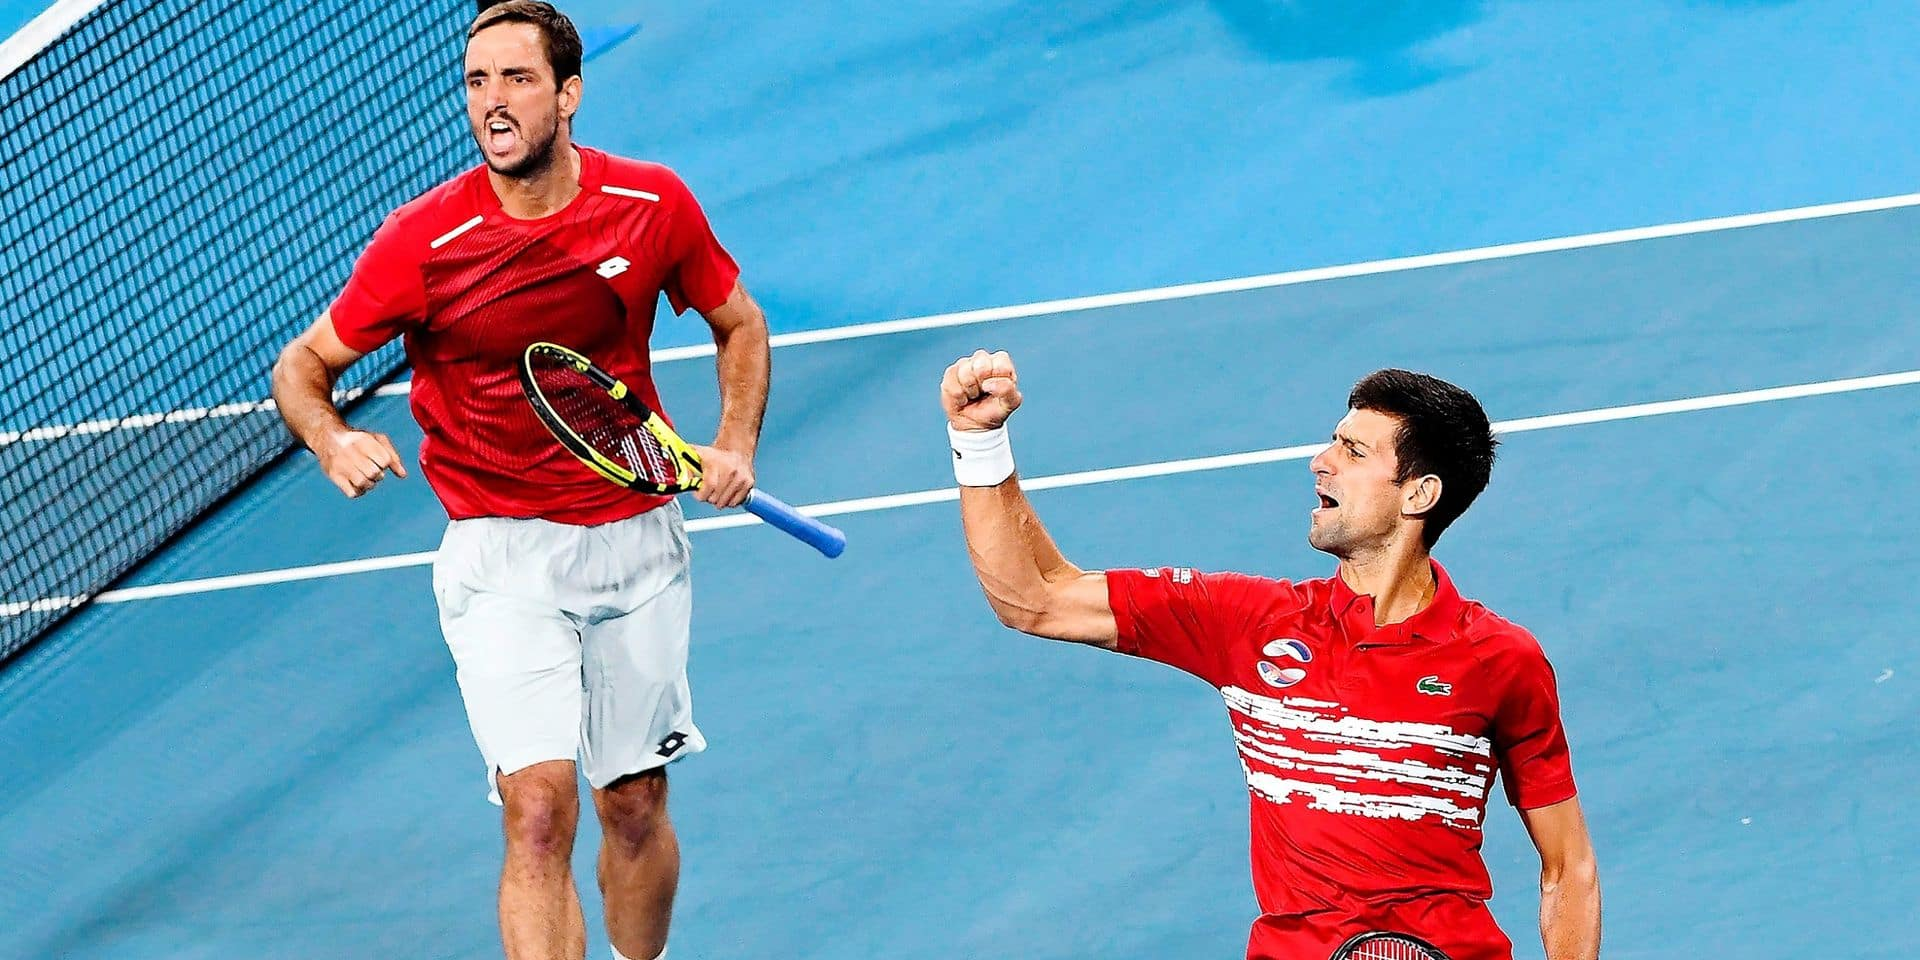 """Djokovic, vainqueur de l'ATP Cup avec la Serbie: """"C'est un des plus beaux titres de ma carrière"""""""